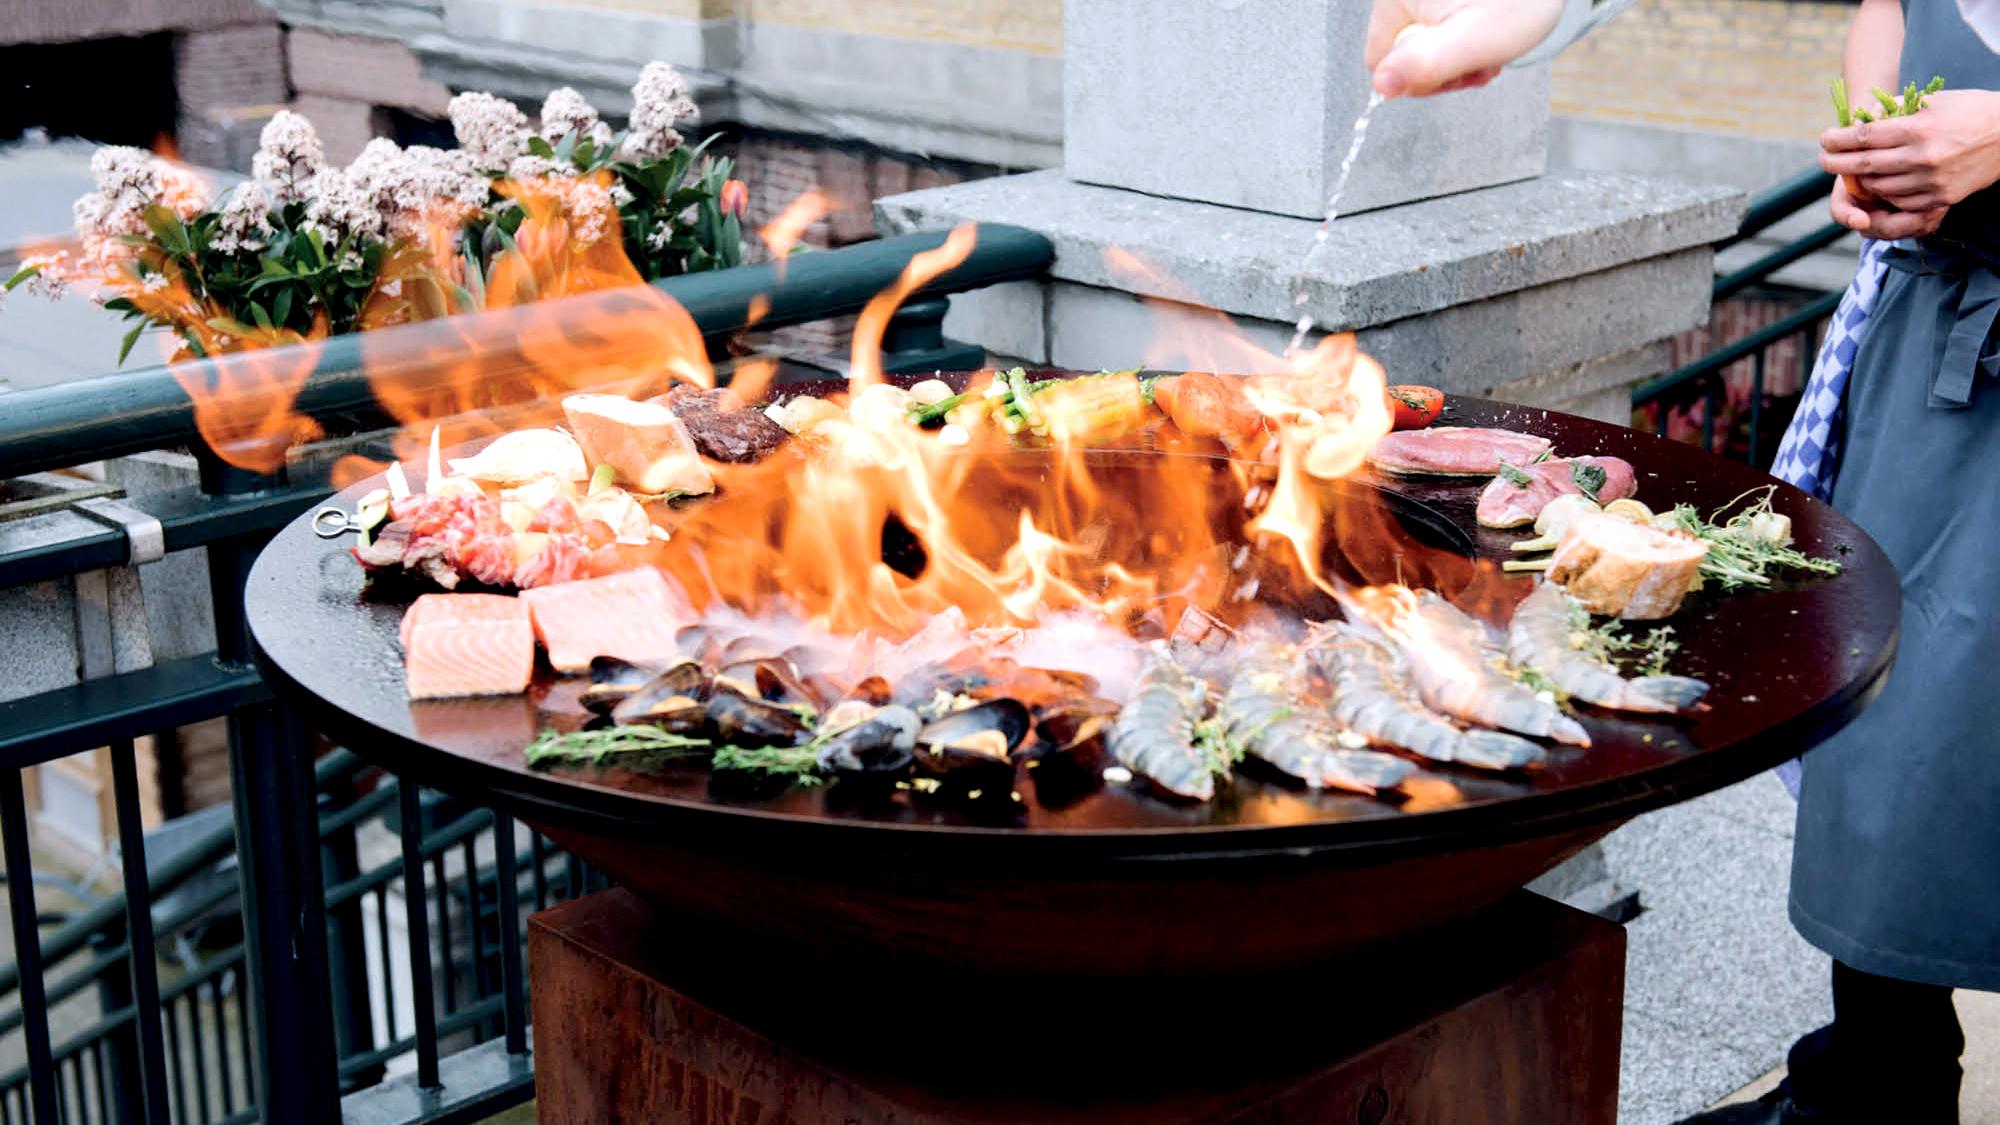 De Gelegenheid werkt graag buiten met de OFYR BBQ.